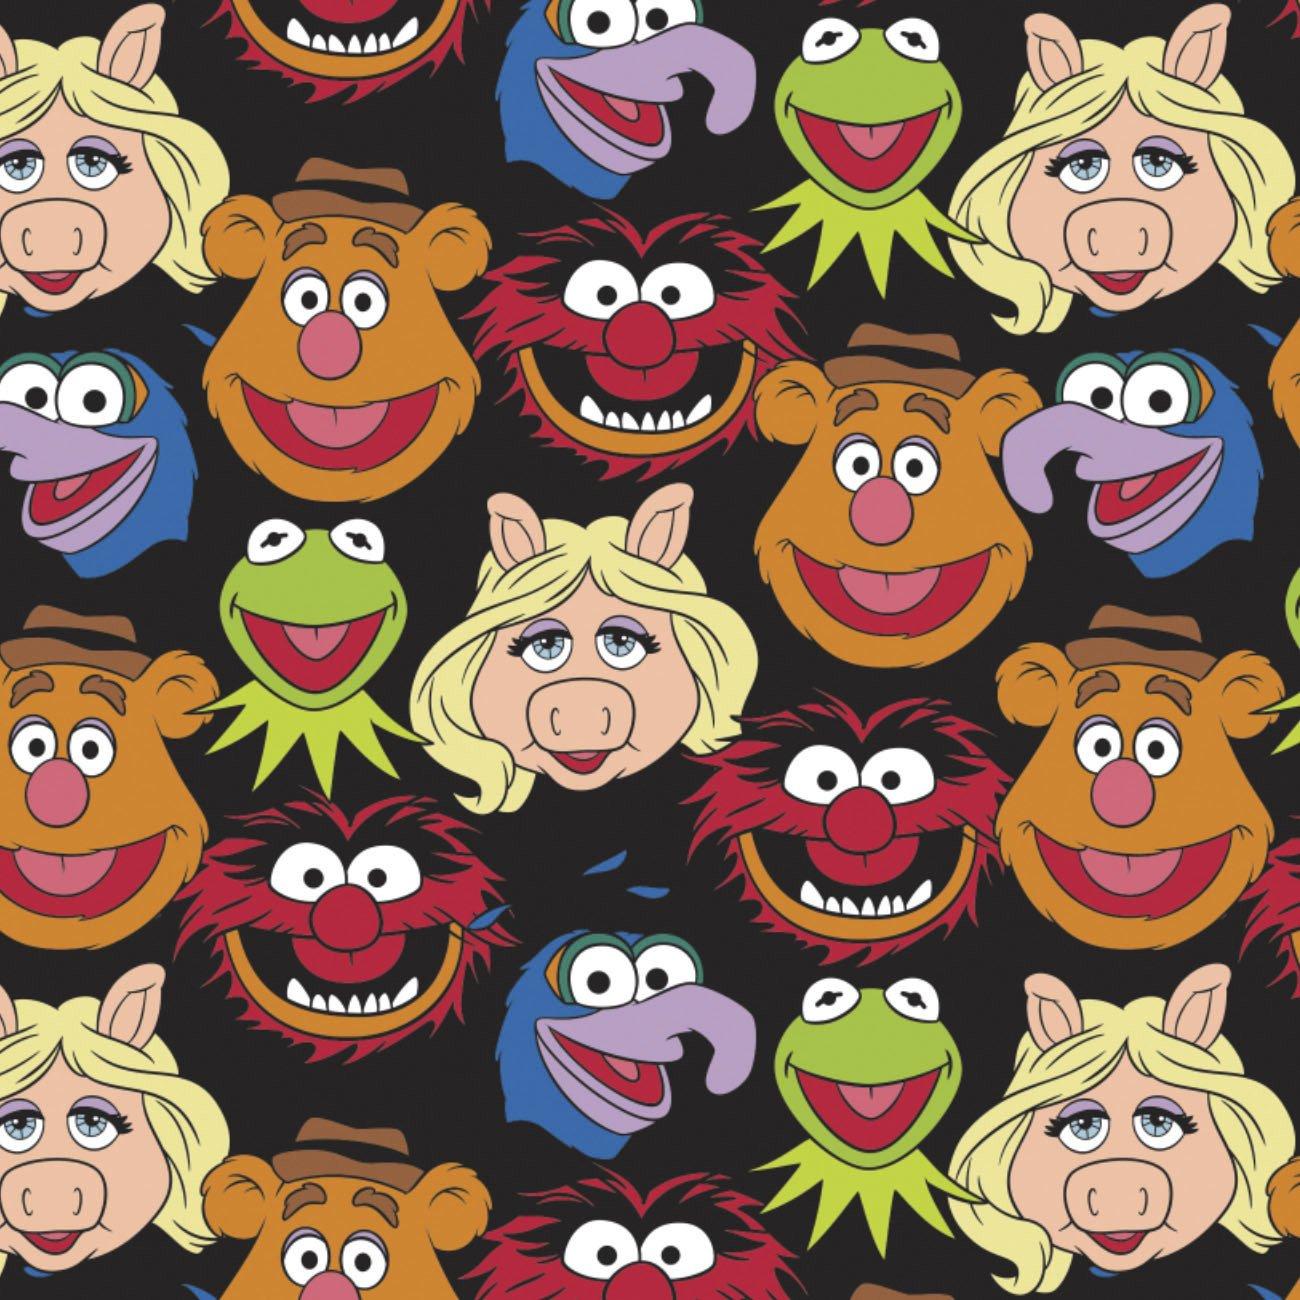 CF-Disney Cotton 85320101-02 Black - Muppets Cast